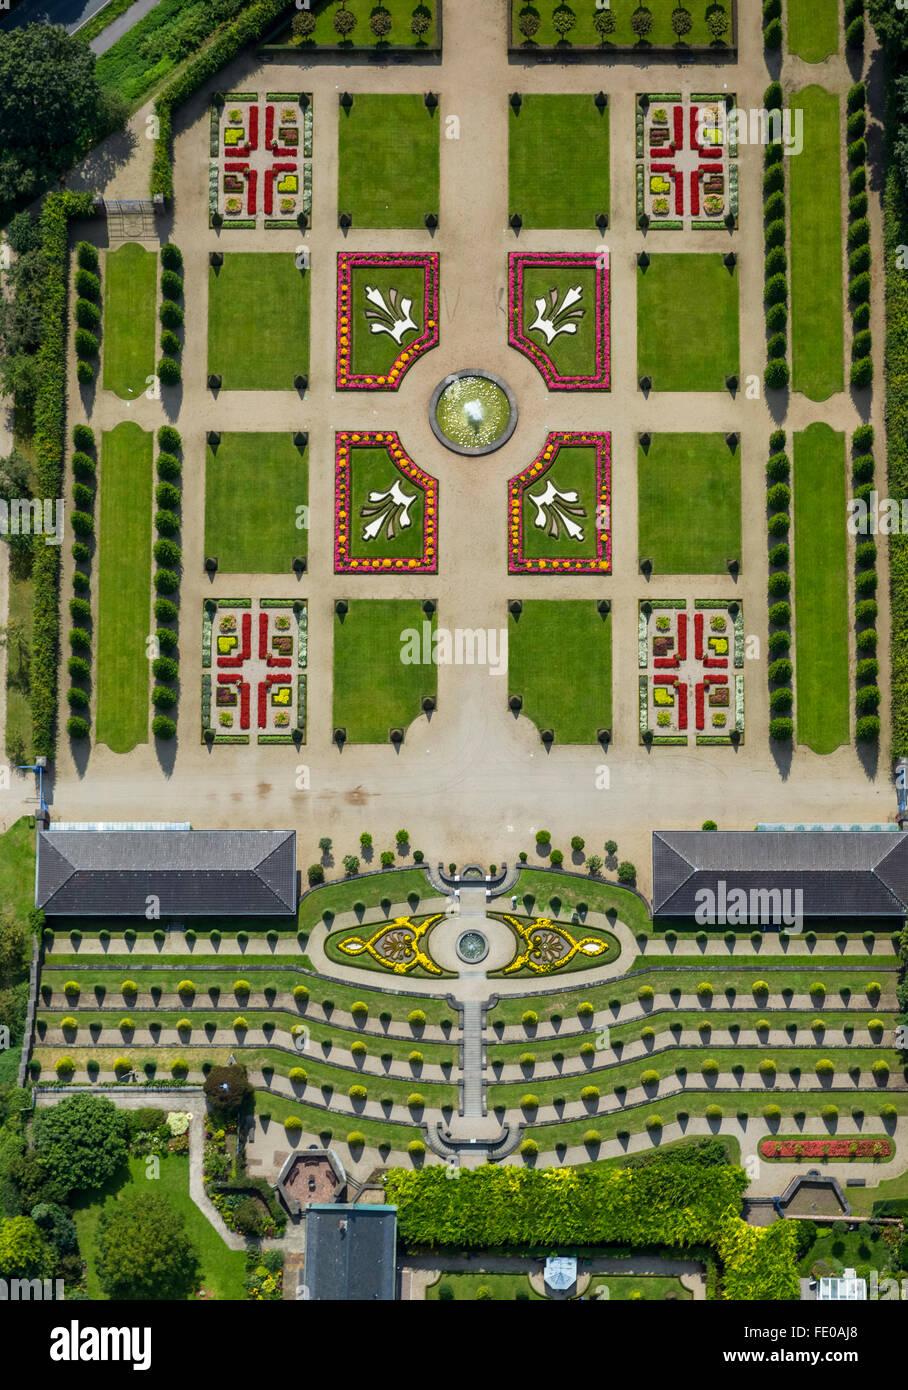 Aerial view, Kamp Monastery Kloster Kamp with terrace garden and monastery garden, baroque garden, Kamp-Lintfort, - Stock Image